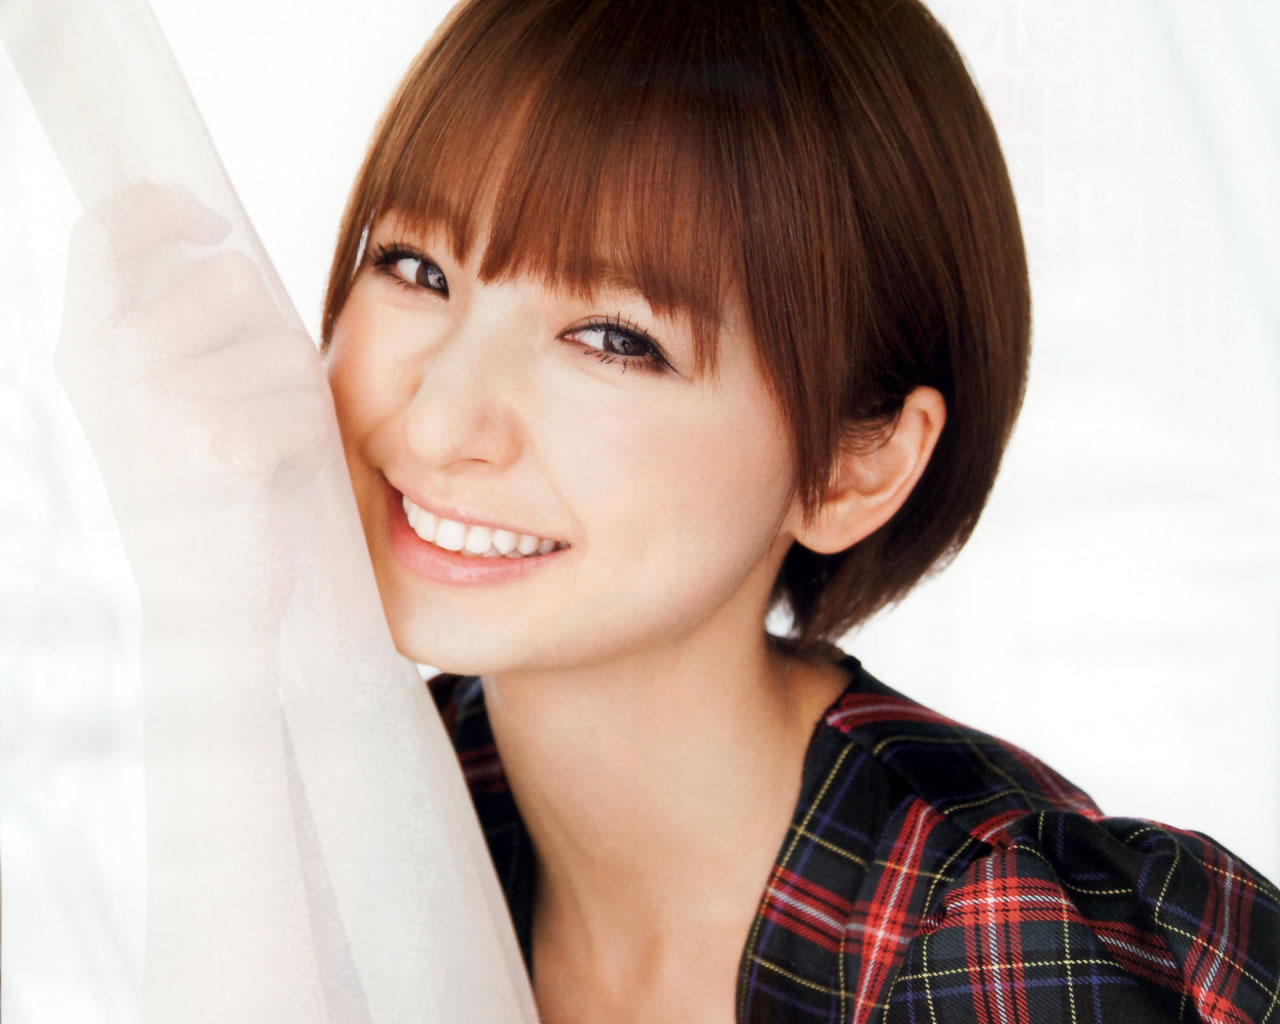 男子ウケ抜群!篠田麻里子の髪型について調べてみました!!のサムネイル画像